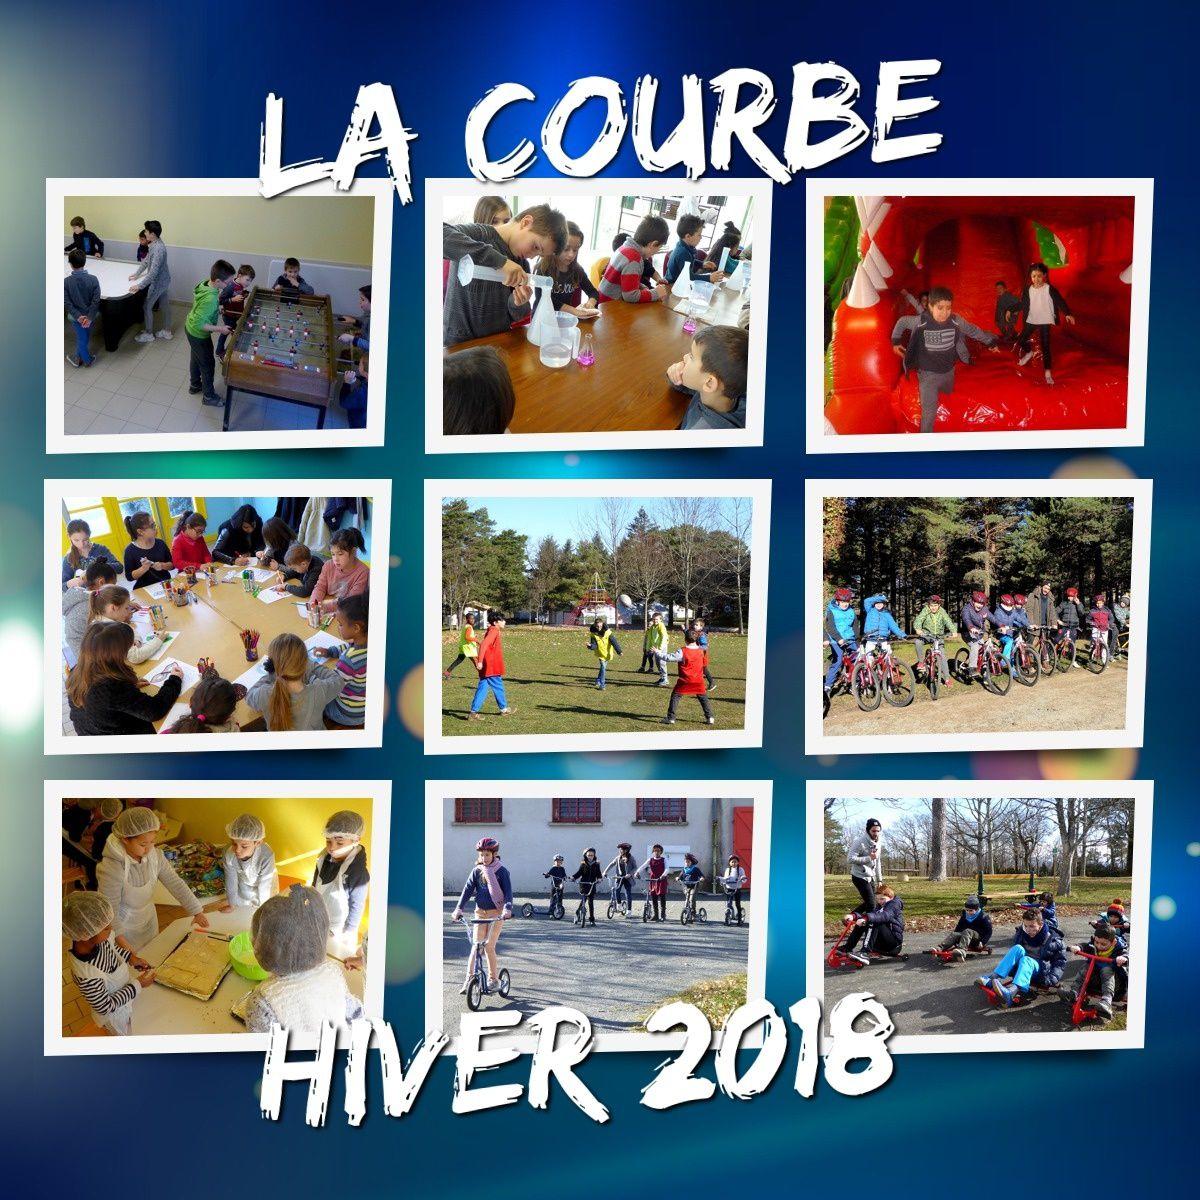 La Courbe Hiver 2018 : Vendredi 2 mars